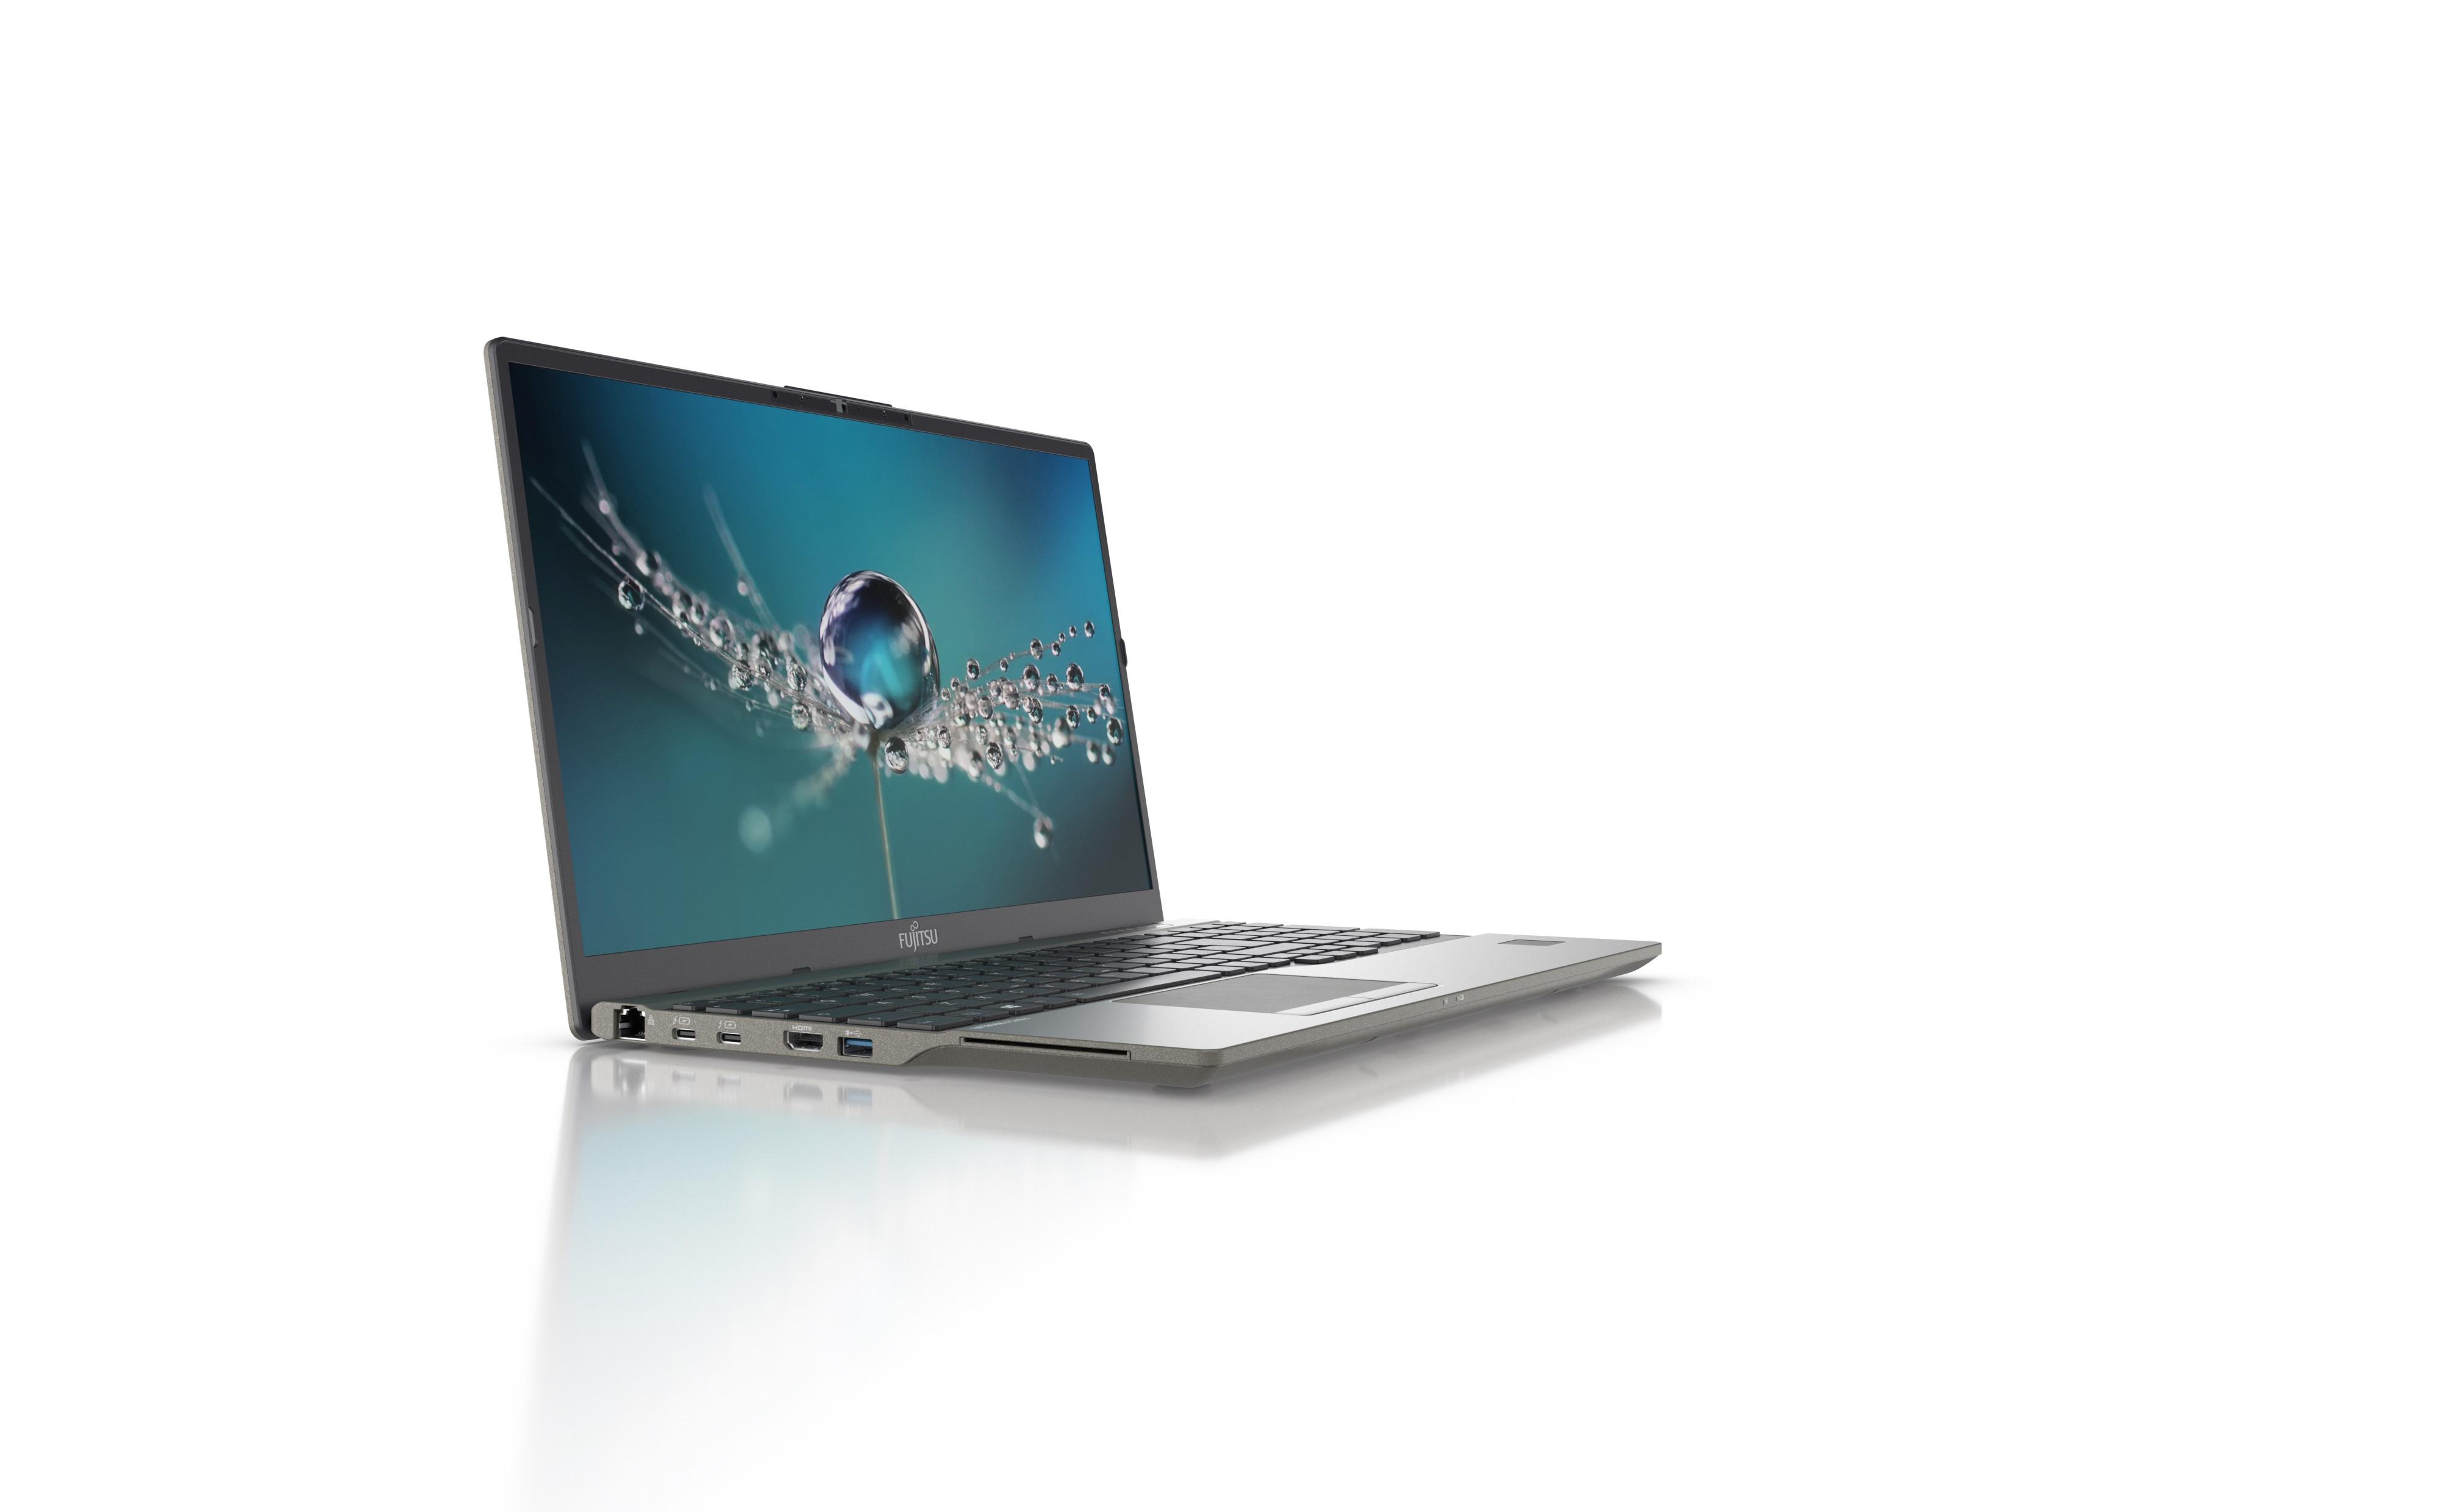 Lifebook U7: Fujitsus neue Notebooks behalten gesteckten RAM bei - Fujitsu Lifebook U7511 (Bild: Fujitsu)